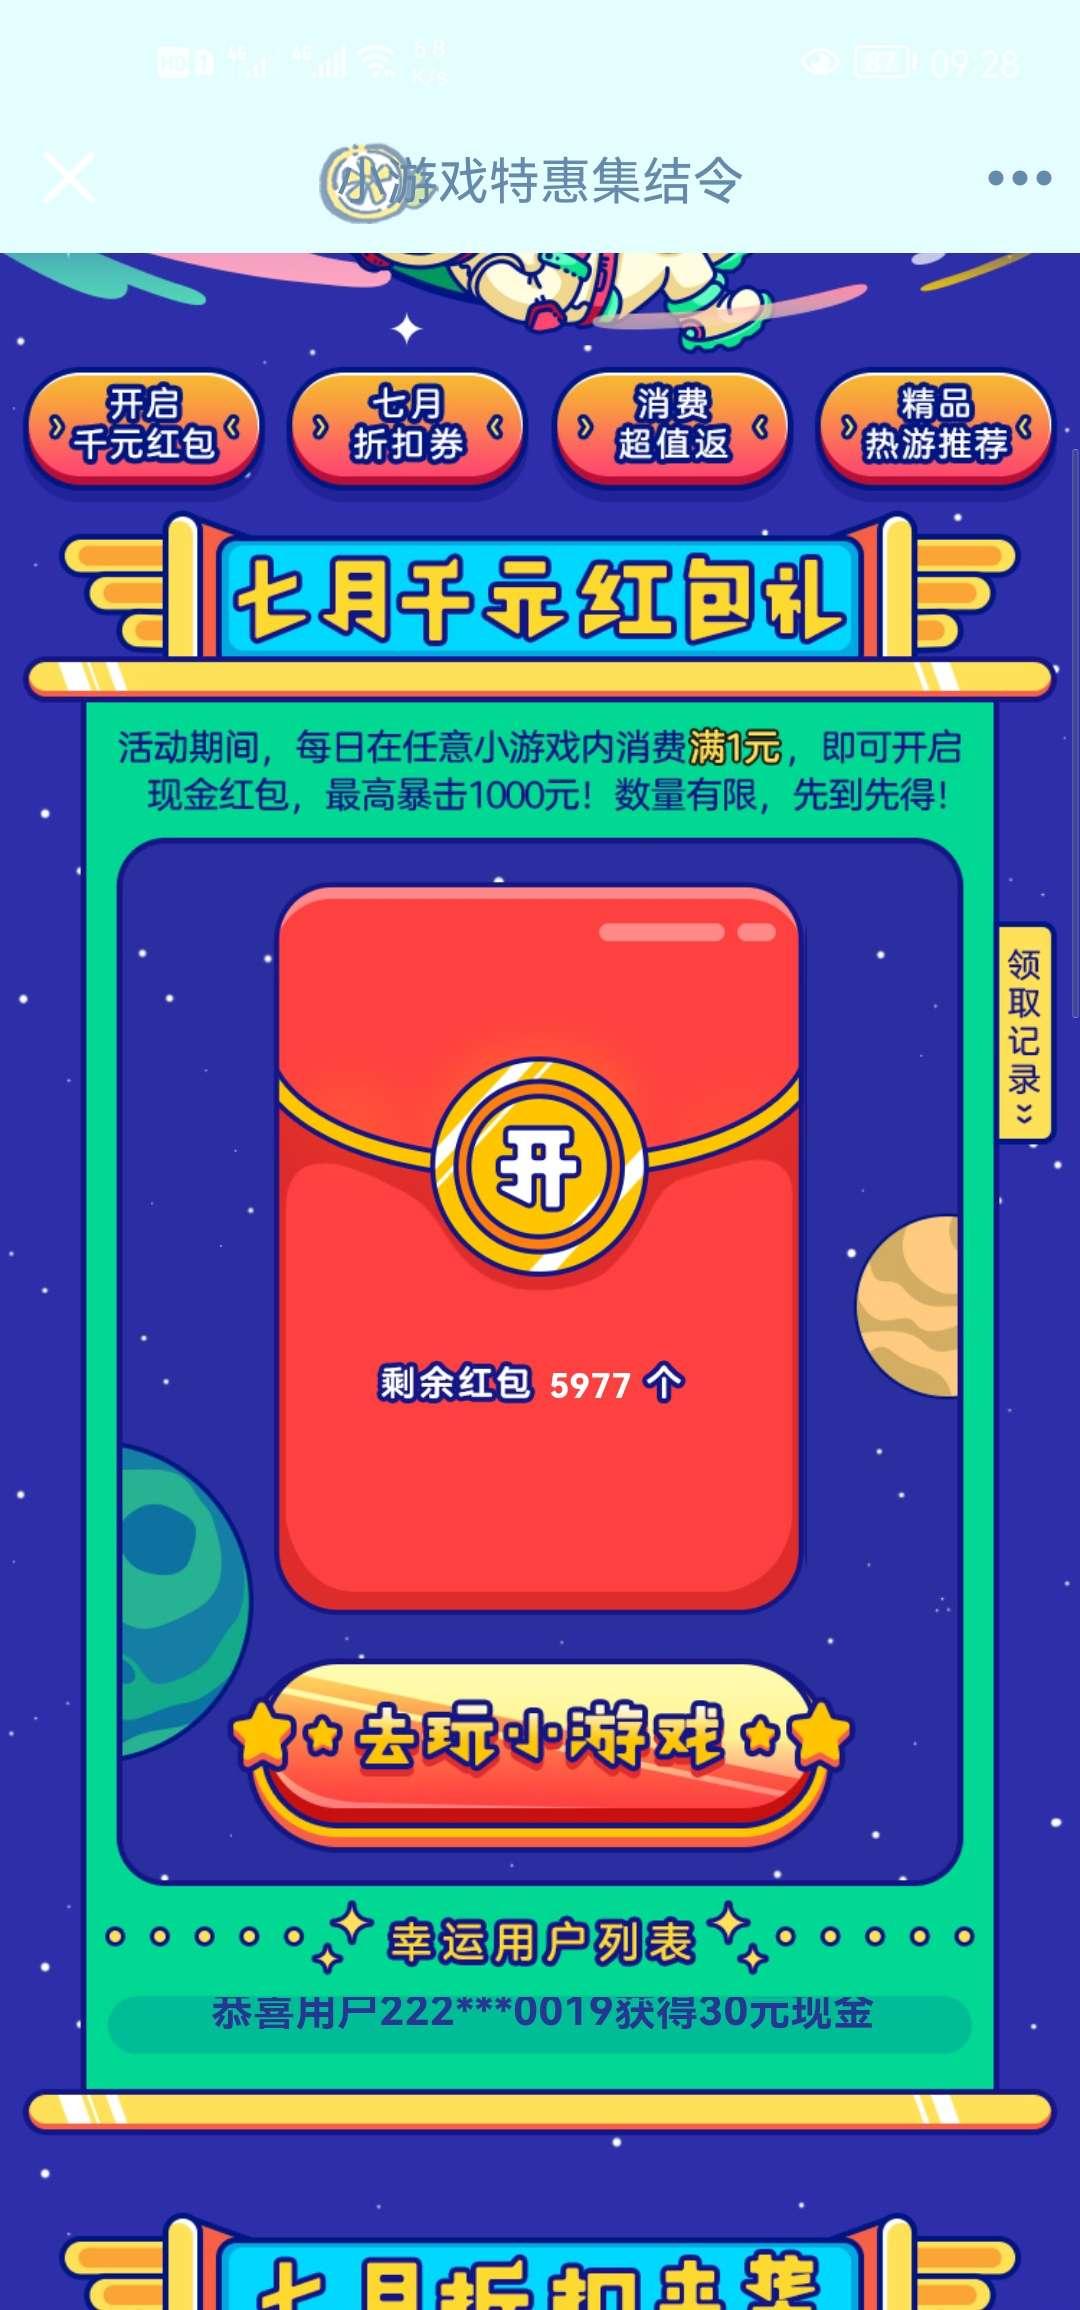 【虚拟物品】QQ小游戏消费一元抽红包